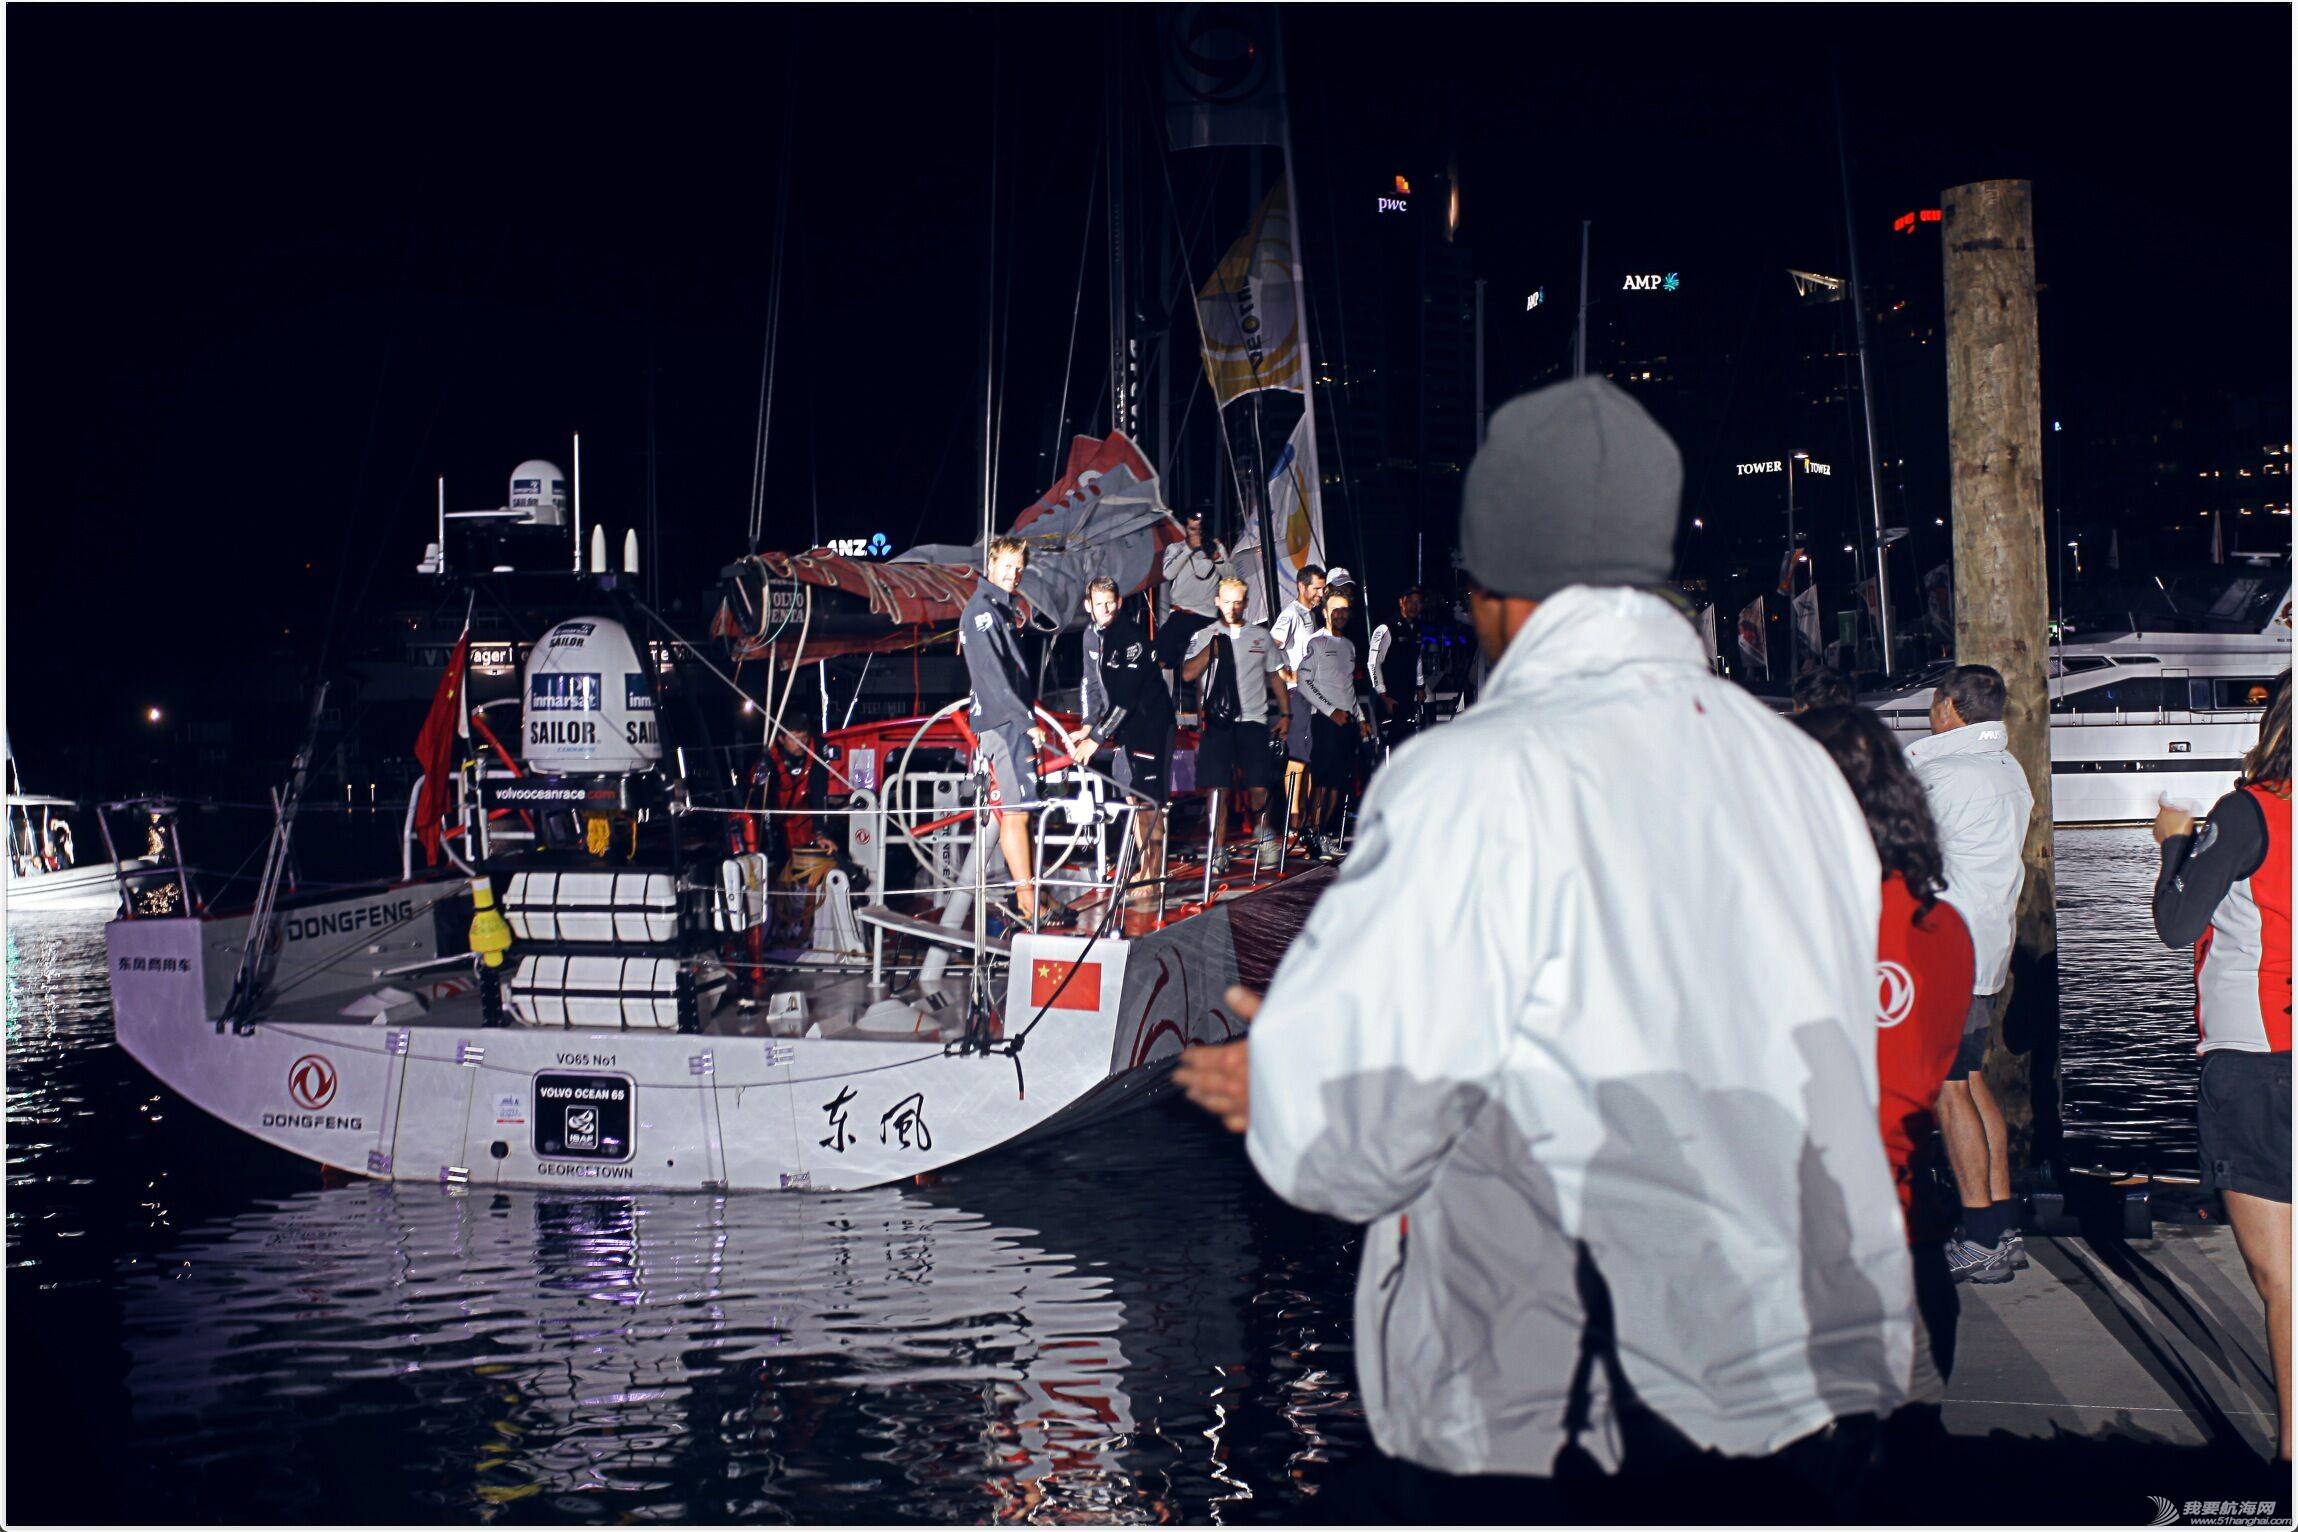 阿布扎比,埃尔文,心情,知识 疯狂的第四赛段——船员们分享比赛心情